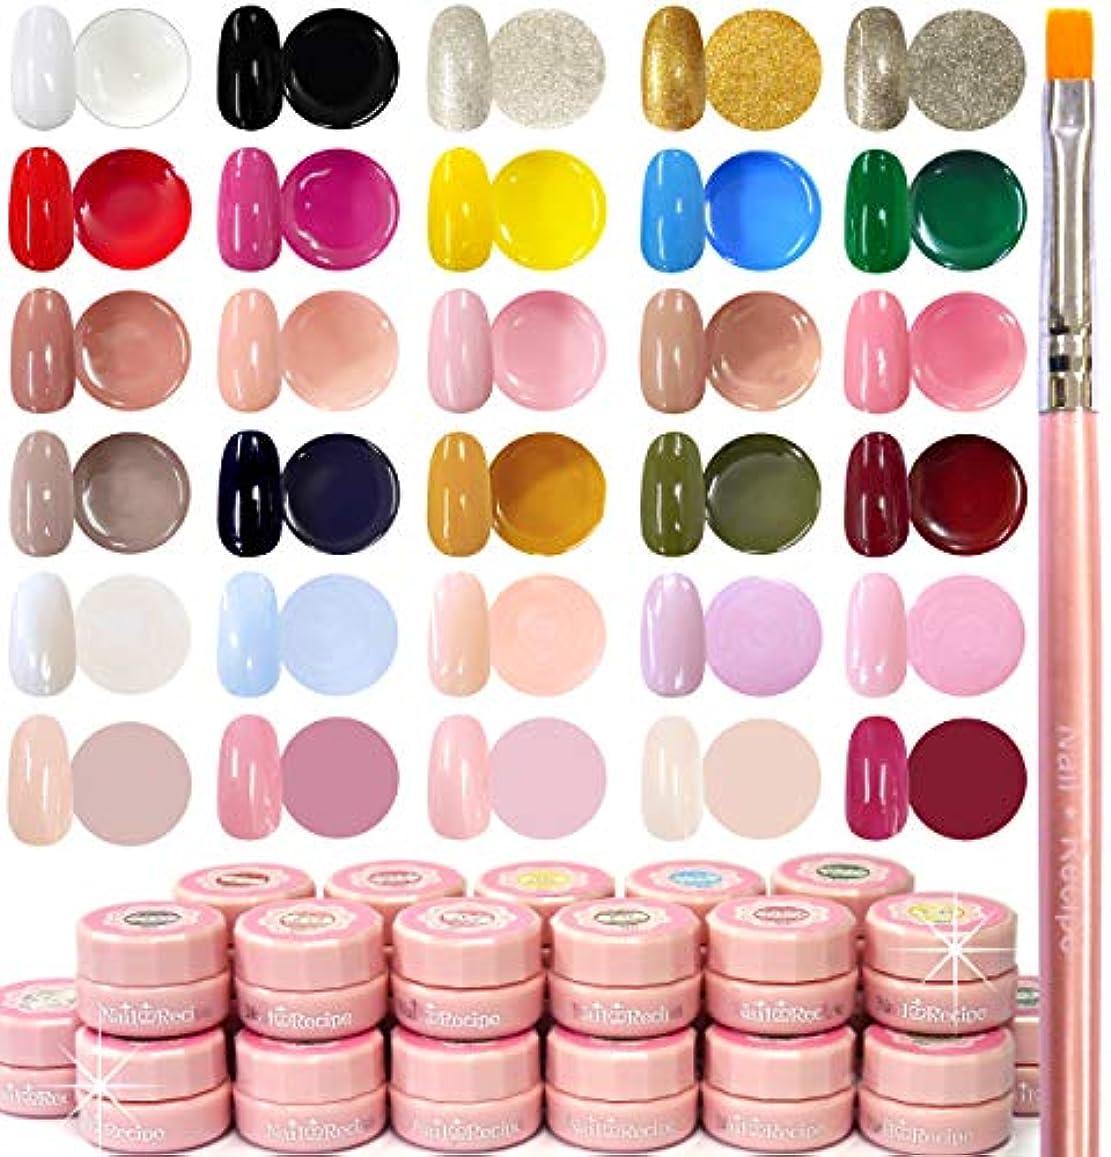 繕うパッチ不透明な[NailRecipe(ネイルレシピ)] ジェルネイル ジェルネイルセット カラージェル ネイル 30色セット 可愛くて発色抜群